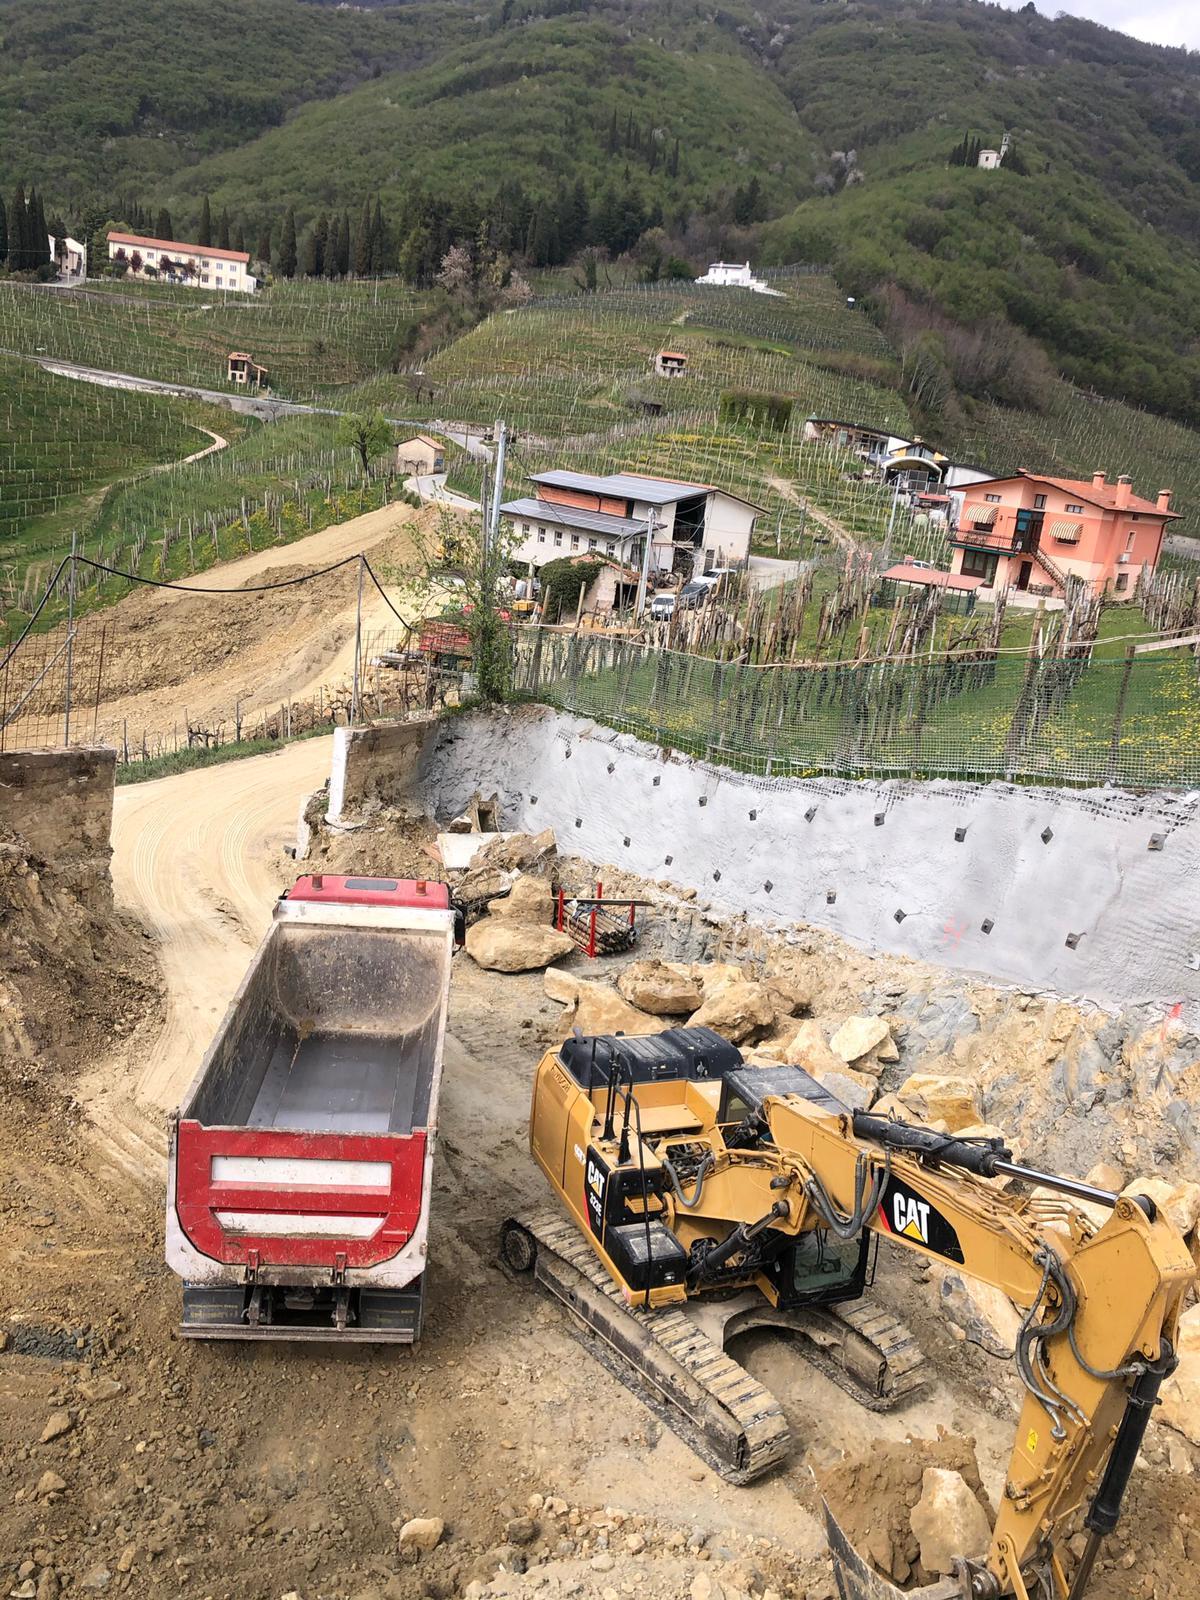 Realizzazione nuova cantina nelle colline del Prosecco, UNESCO